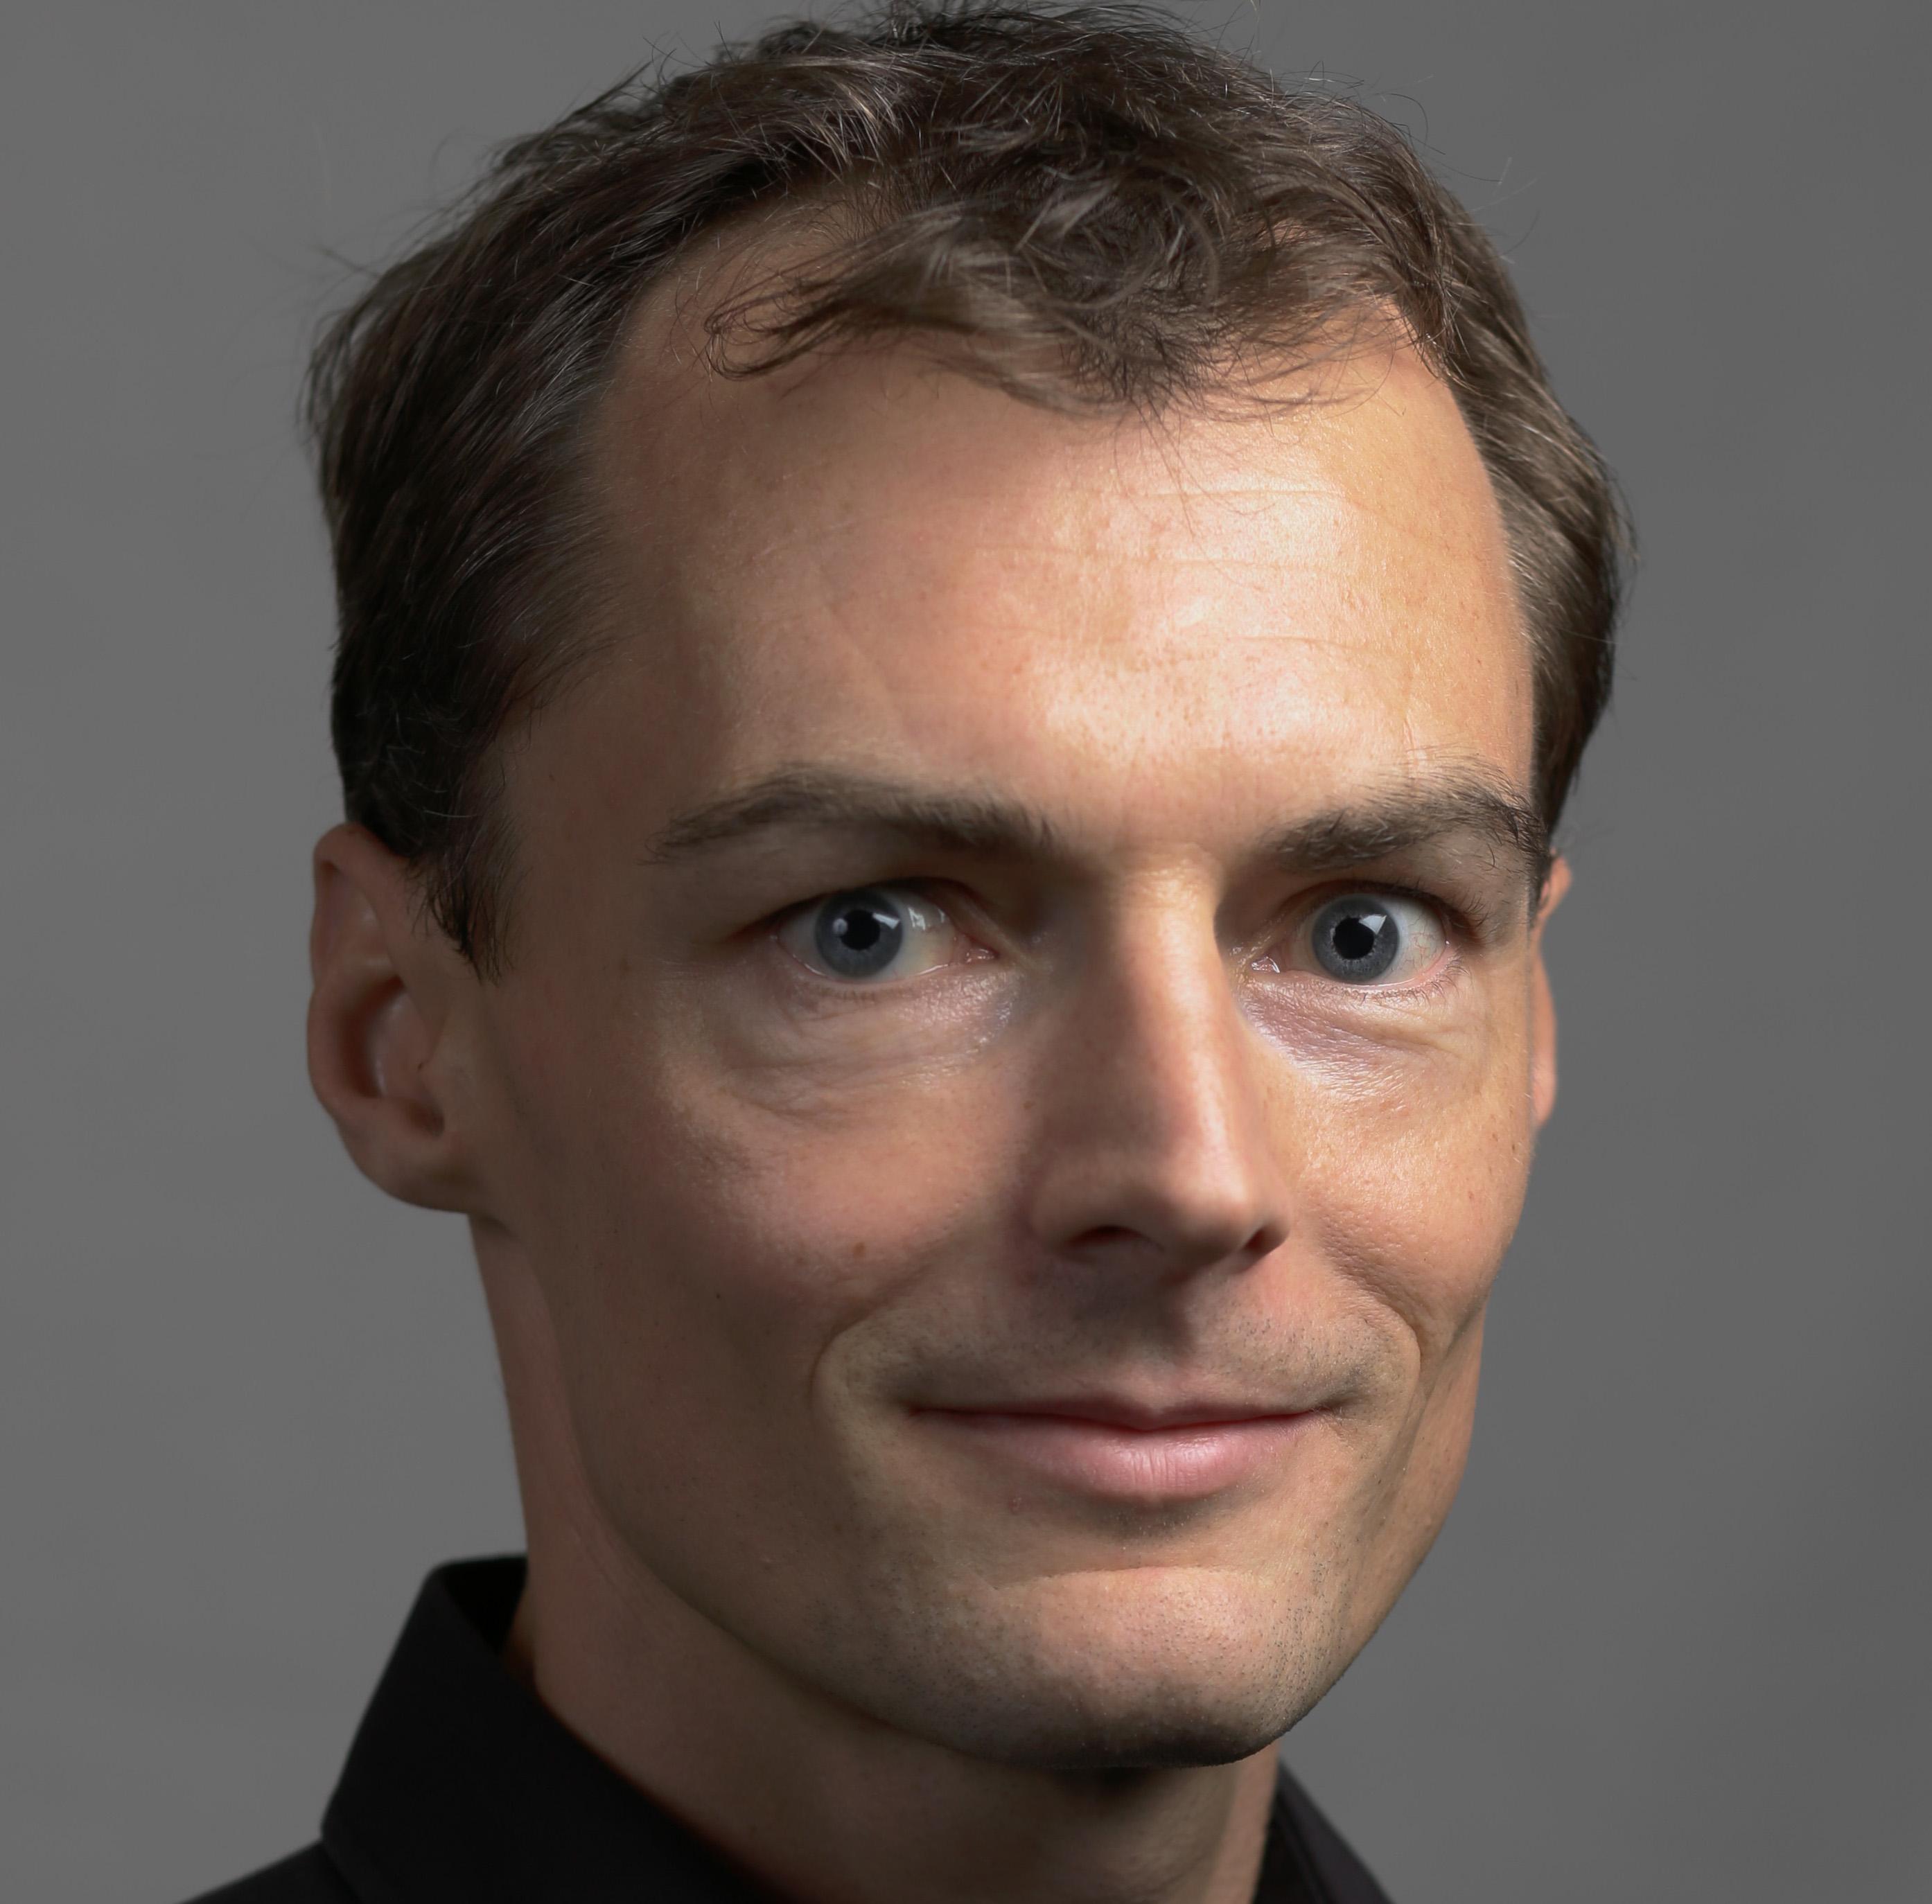 Nicolai Schaaf